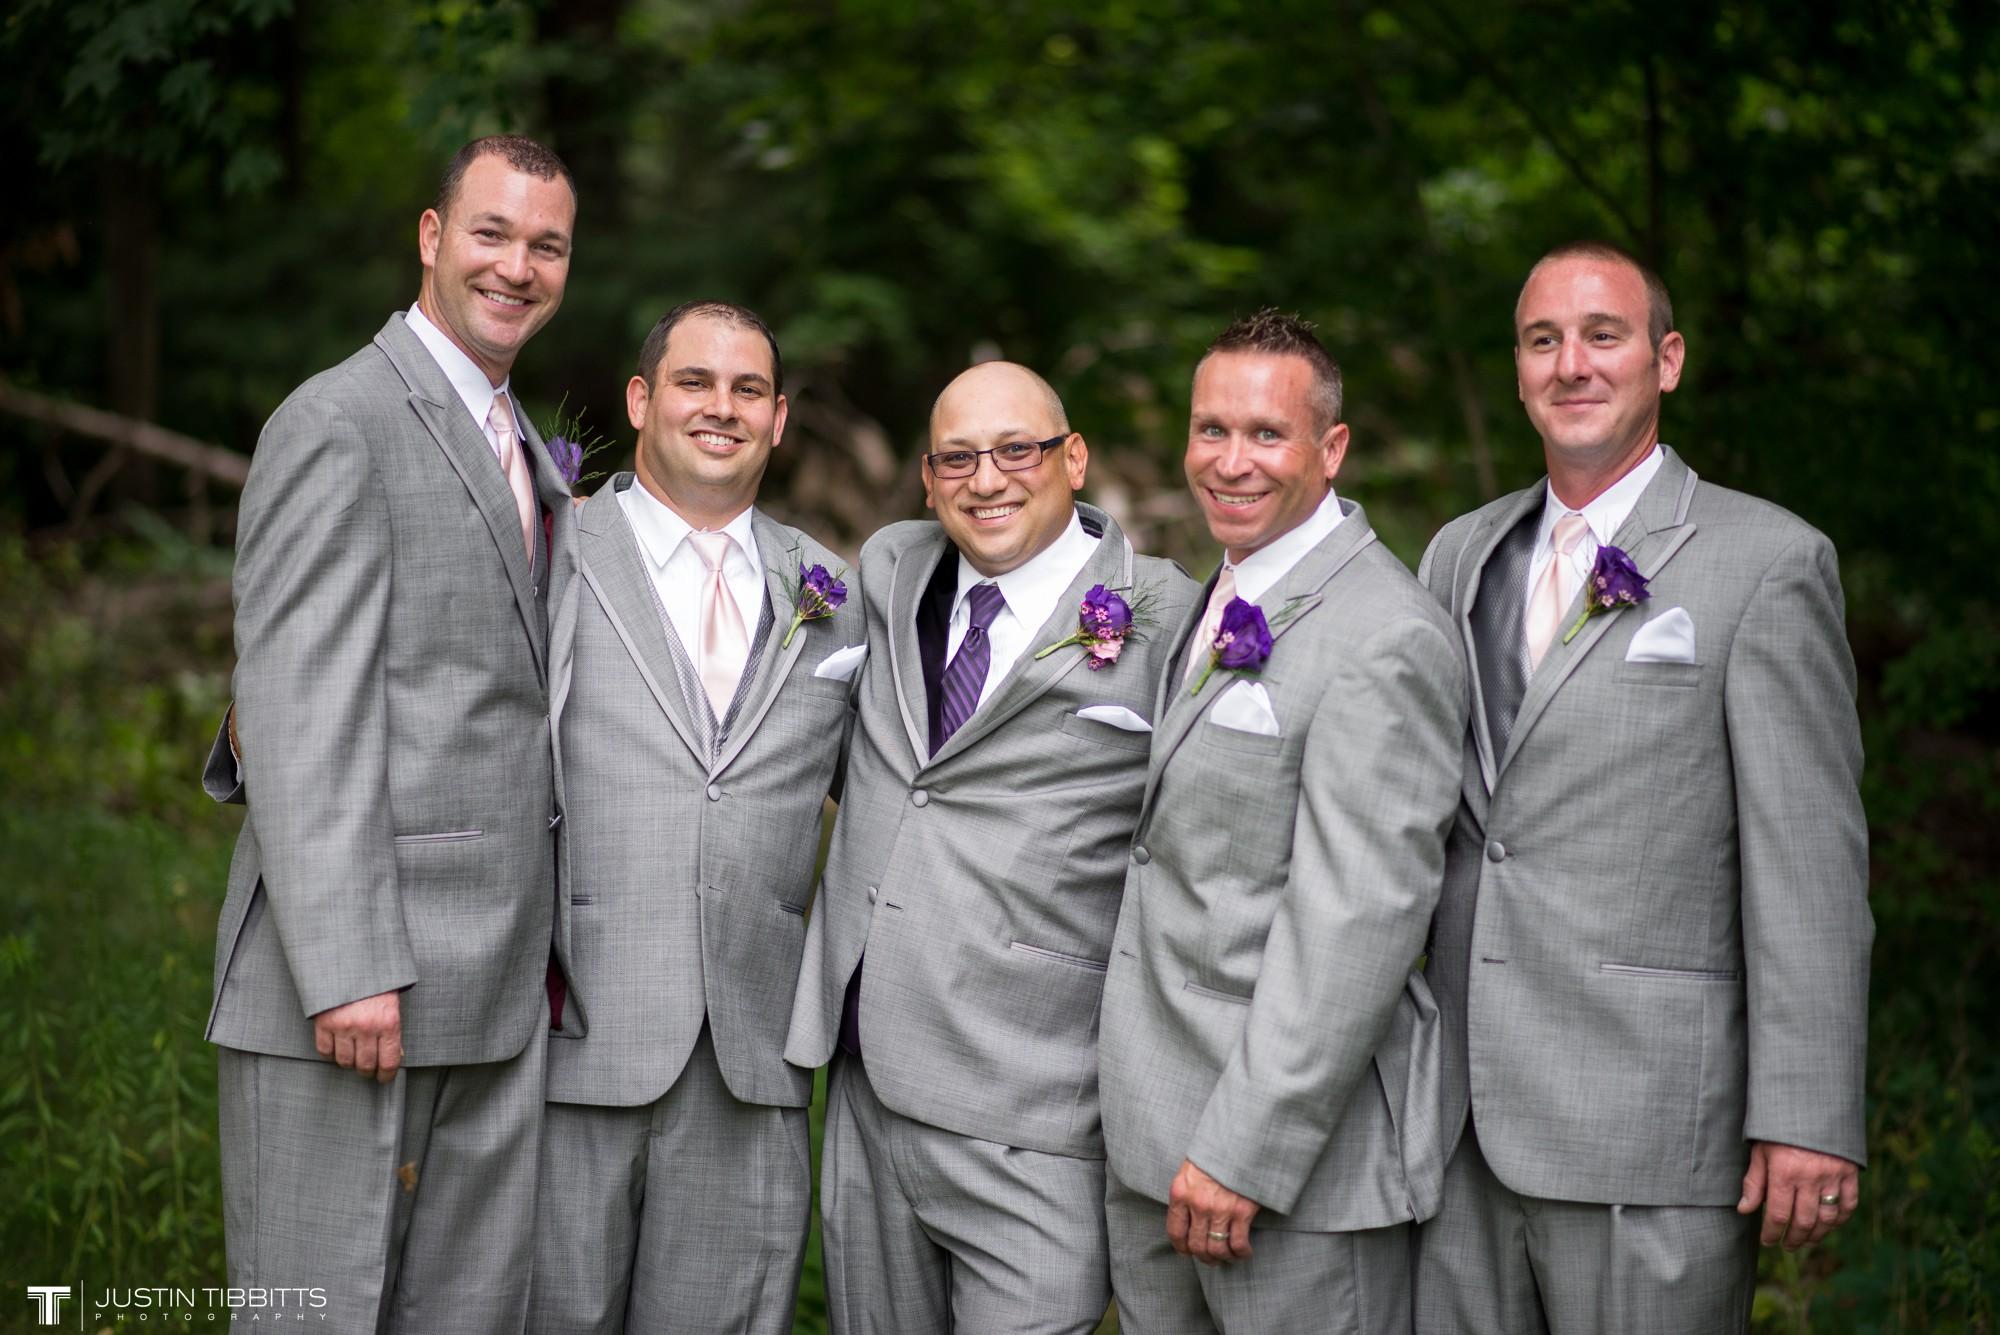 Albany NY Wedding Photographer Justin Tibbitts Photography 2014 Best of Albany NY Weddings-513735